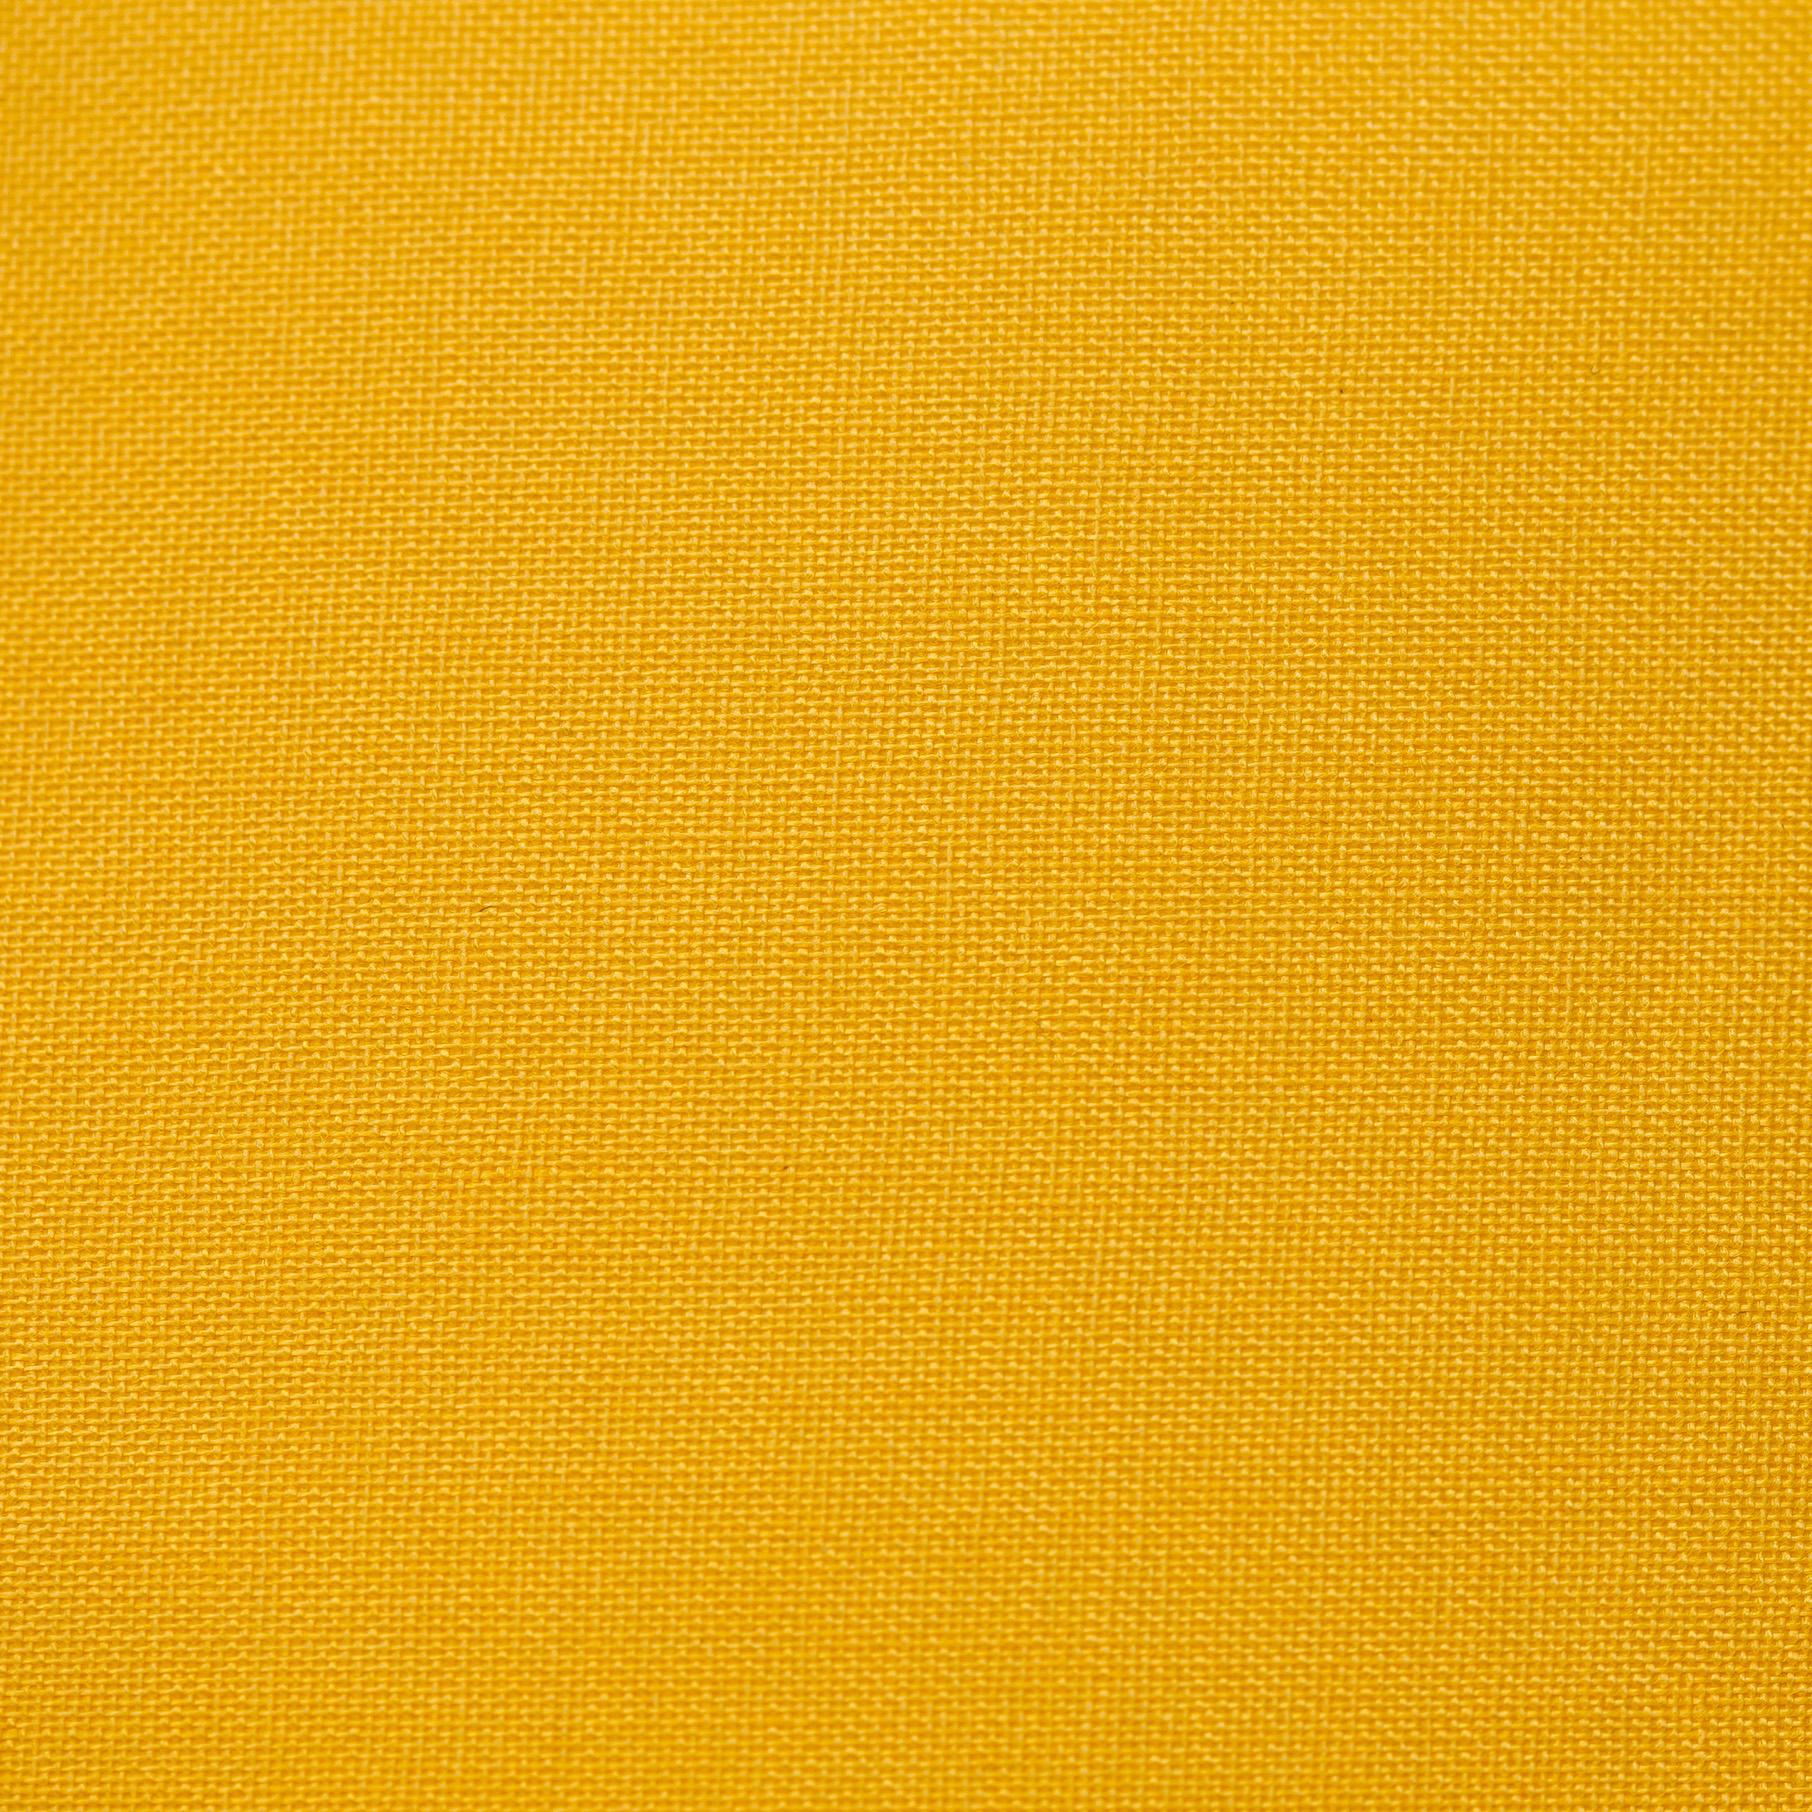 Linen_Yellow.jpg